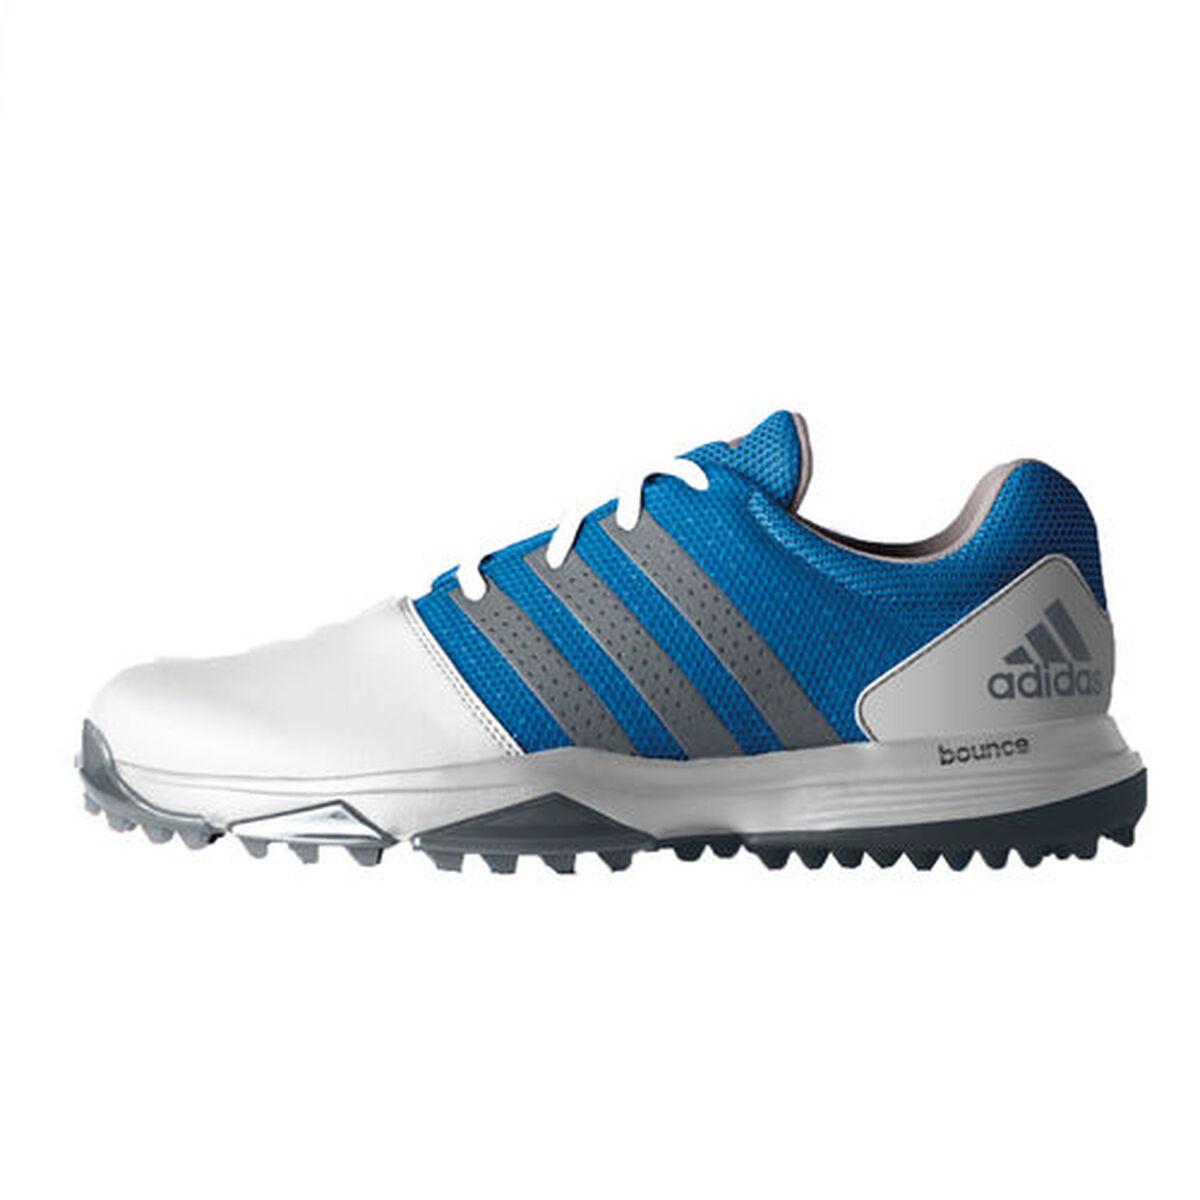 92119940a08c7c Images. adidas 360 Traxion Men  39 s Golf Shoe - White Blue